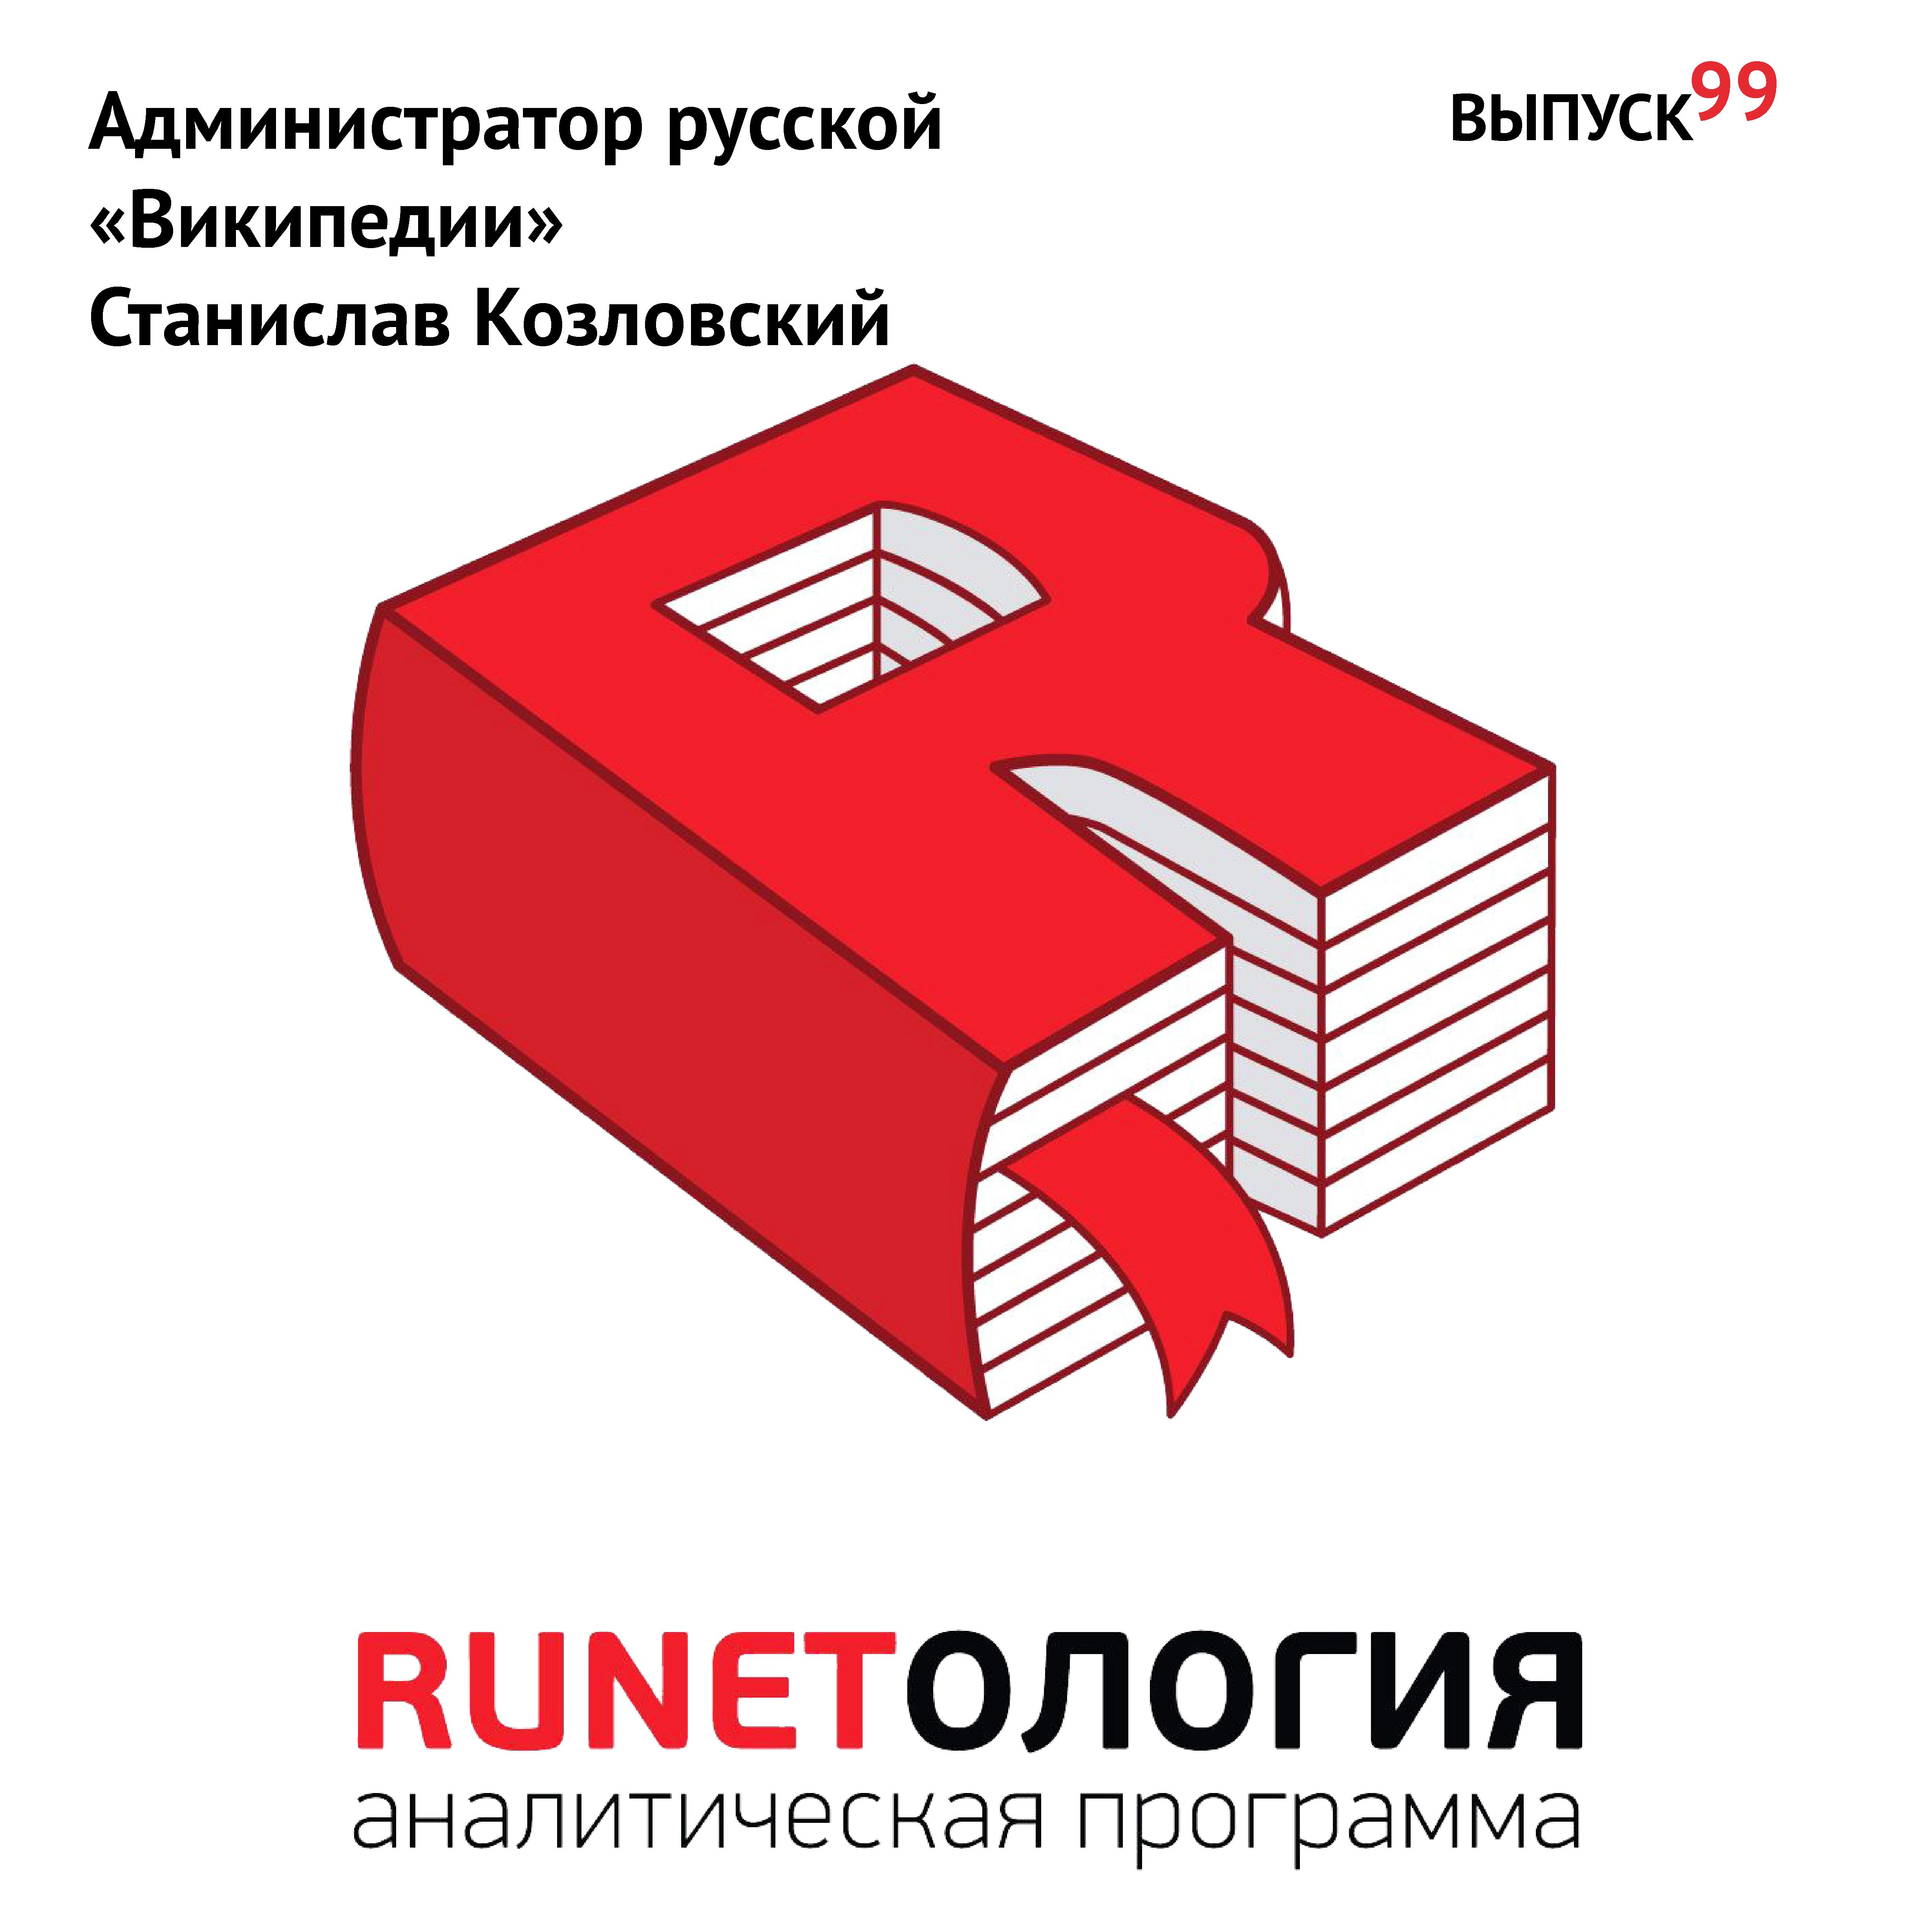 Администратор русской «Википедии» Станислав Козловский